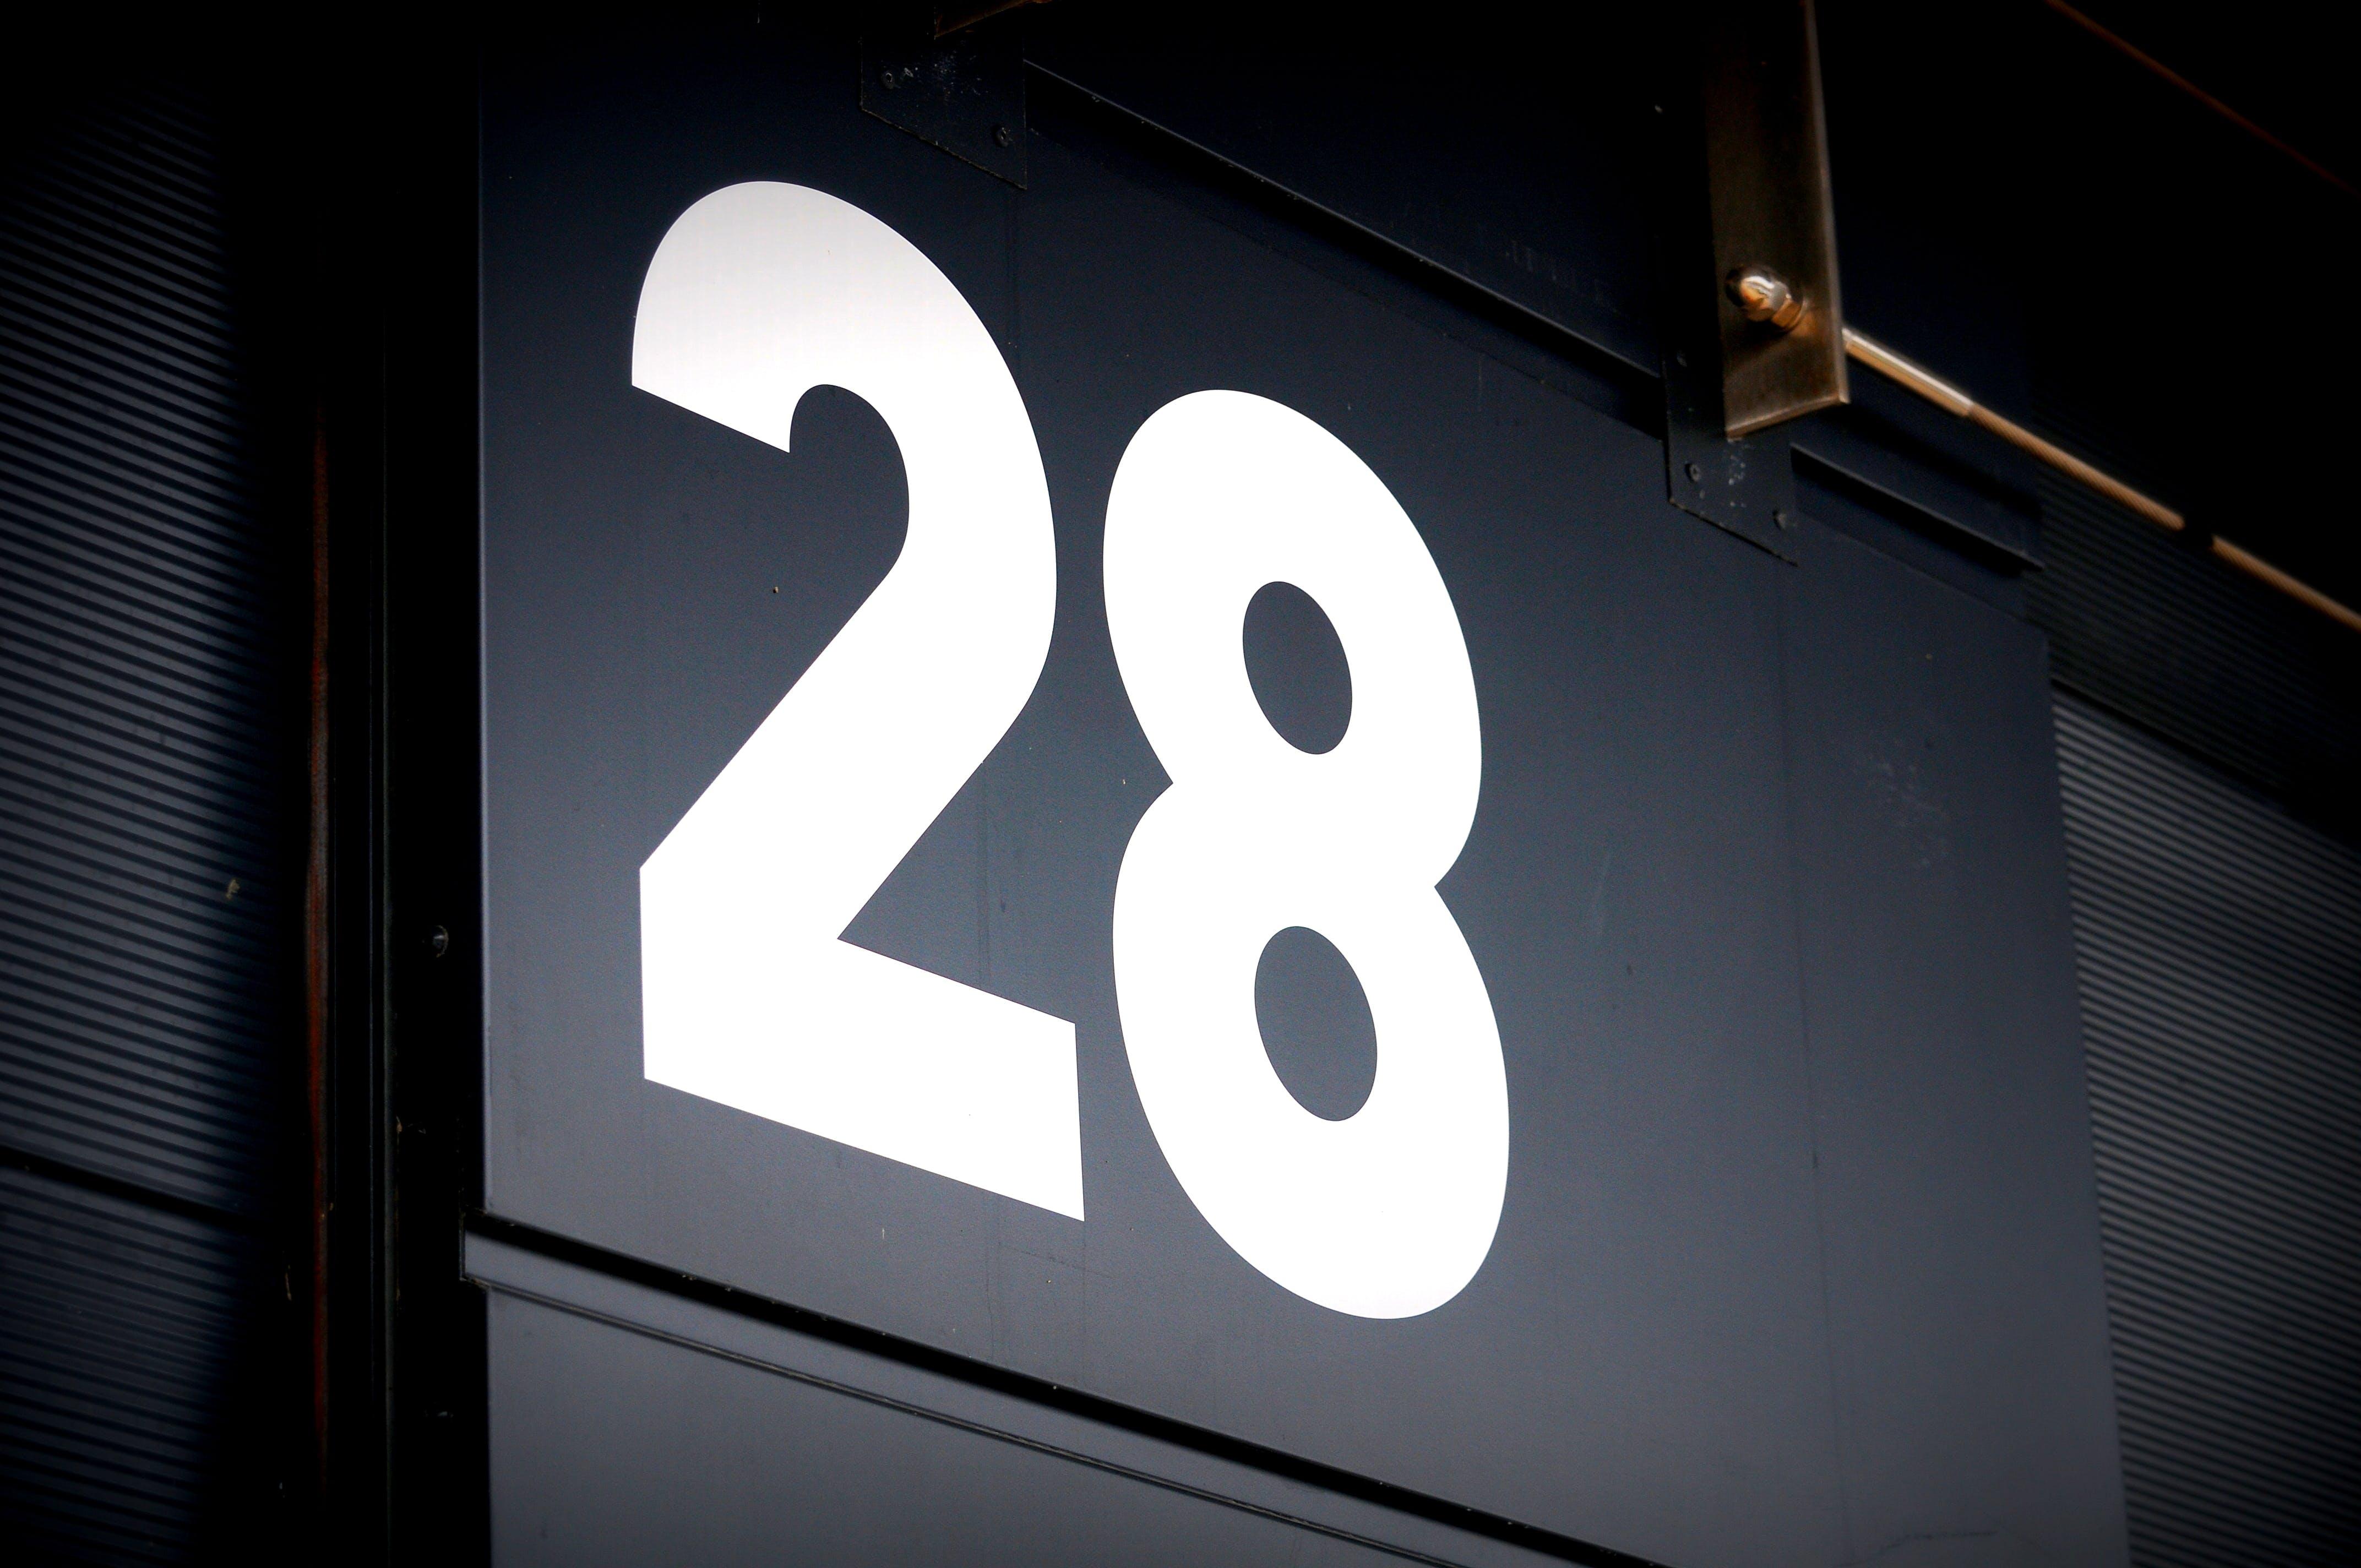 Black Board Showing Number 28